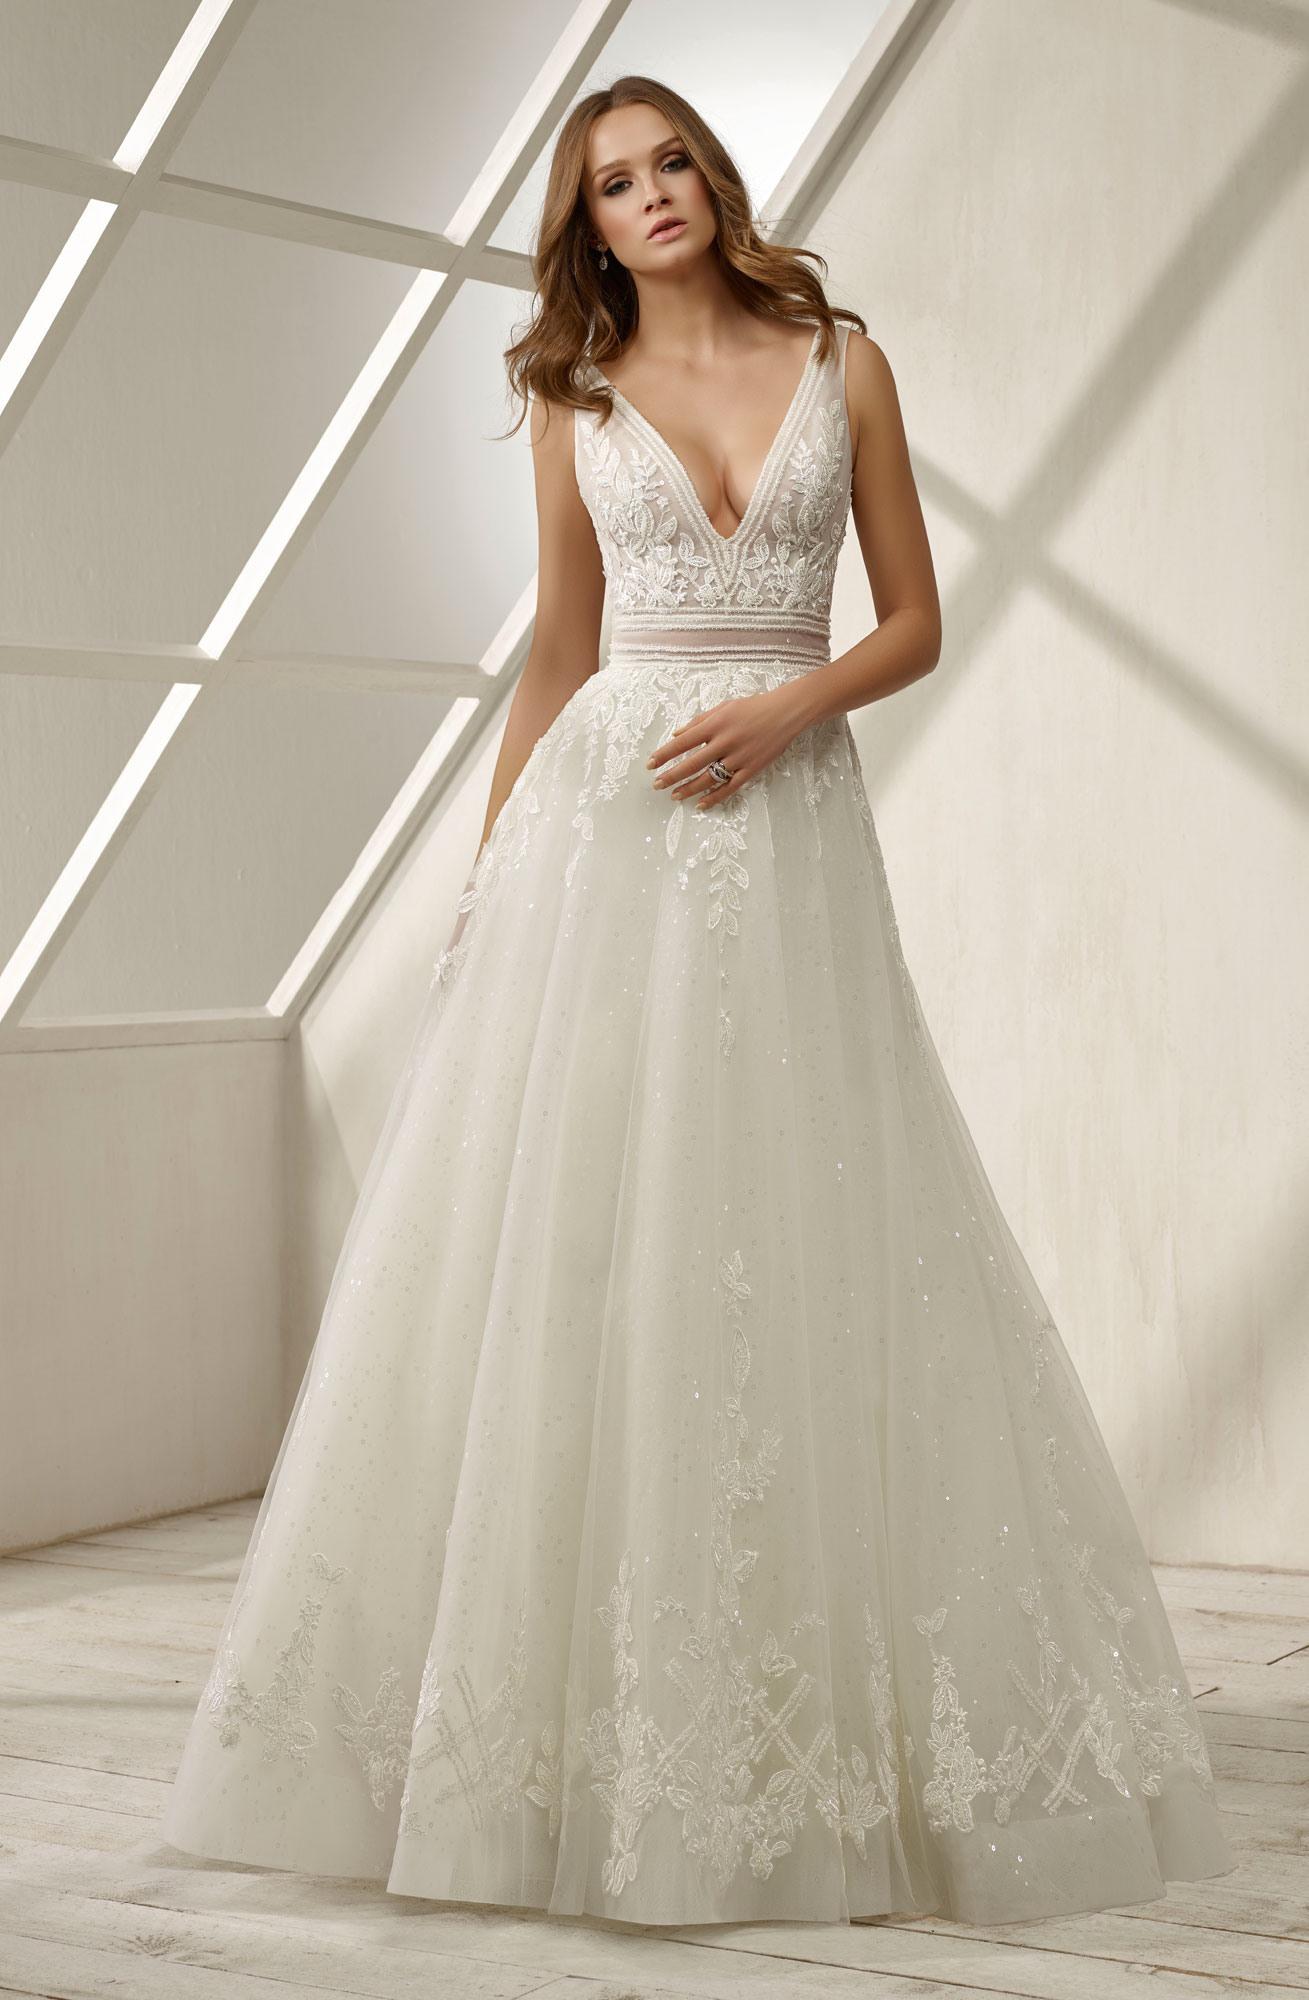 Brautkleider Spitze  Hochzeitskleider Mit Spitze - Edel - Abendkleid